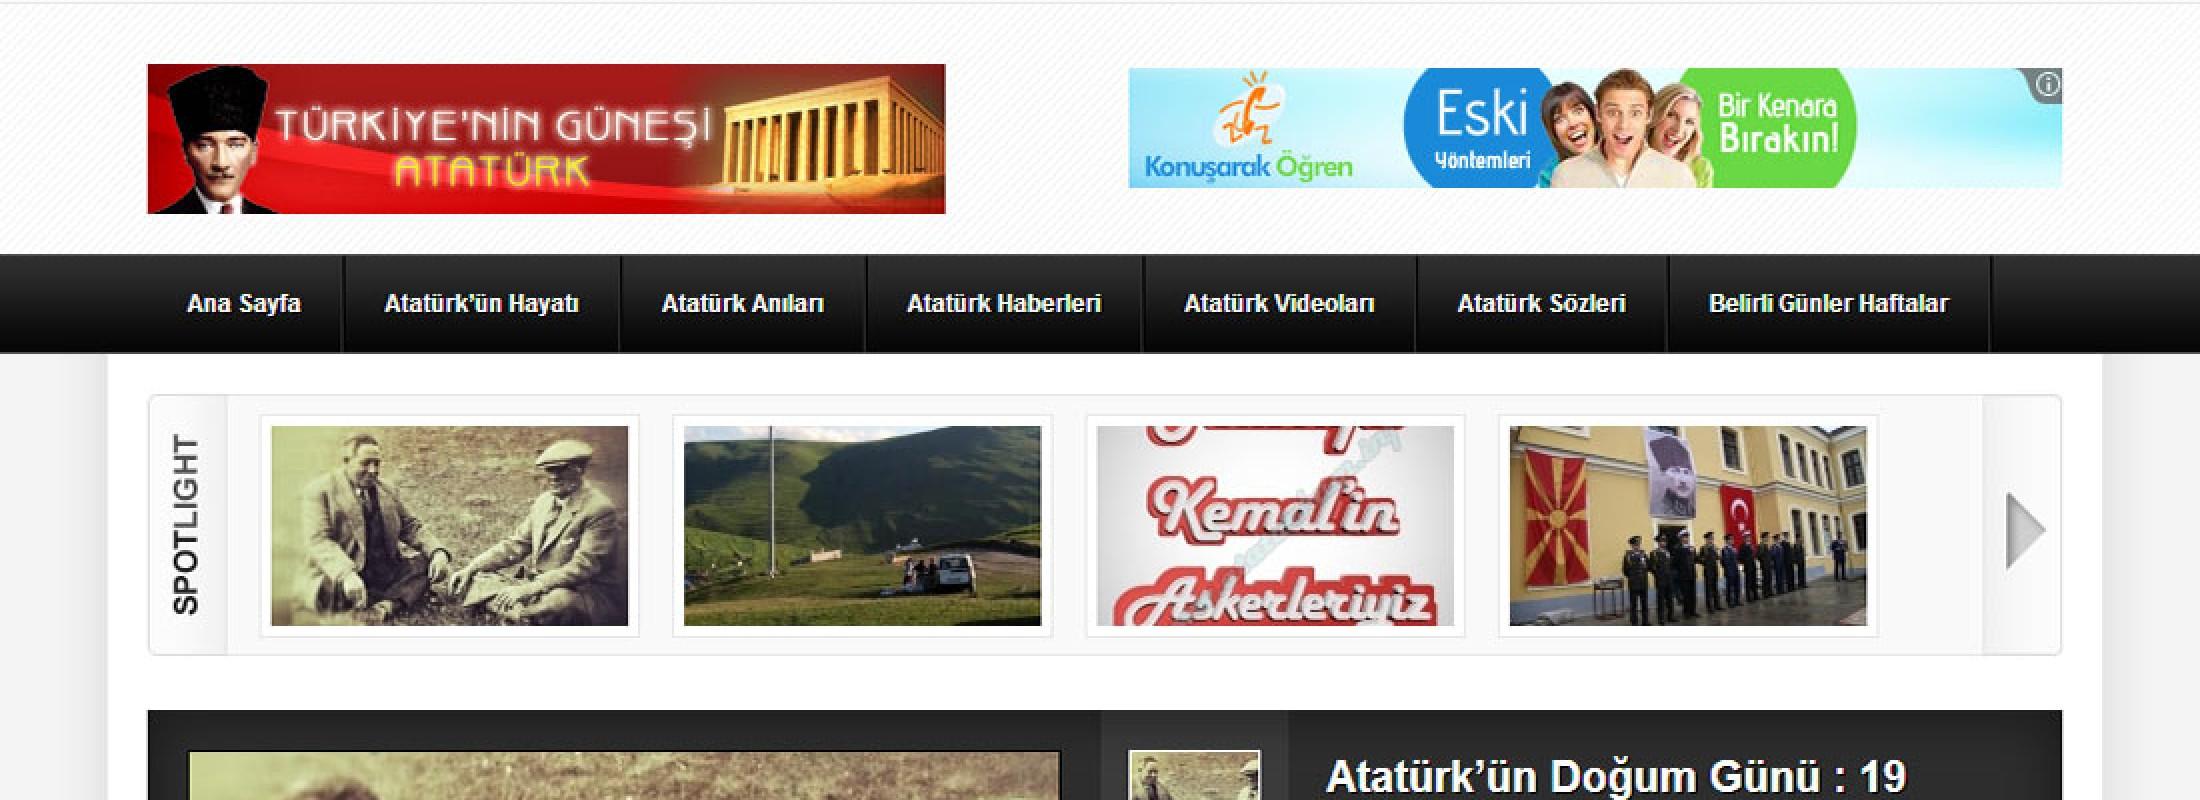 Mustafa Kemal Atatürk-Atatürk'üm.info